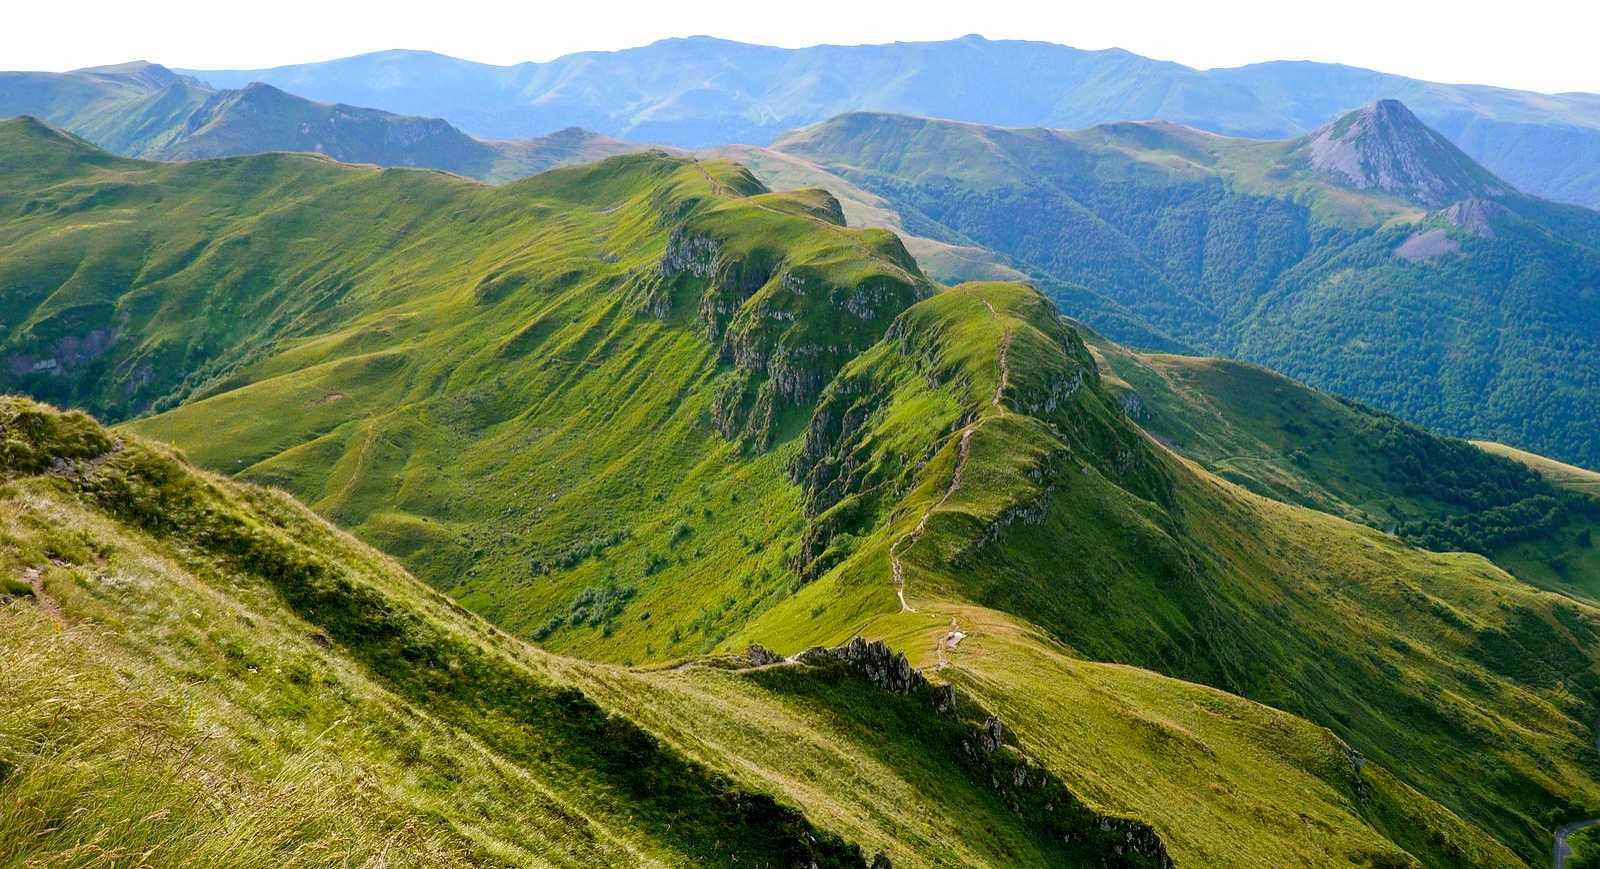 Gorges de la rhue condat 15 cantal dans l 39 artence en auvergne - Office du tourisme de l auvergne ...